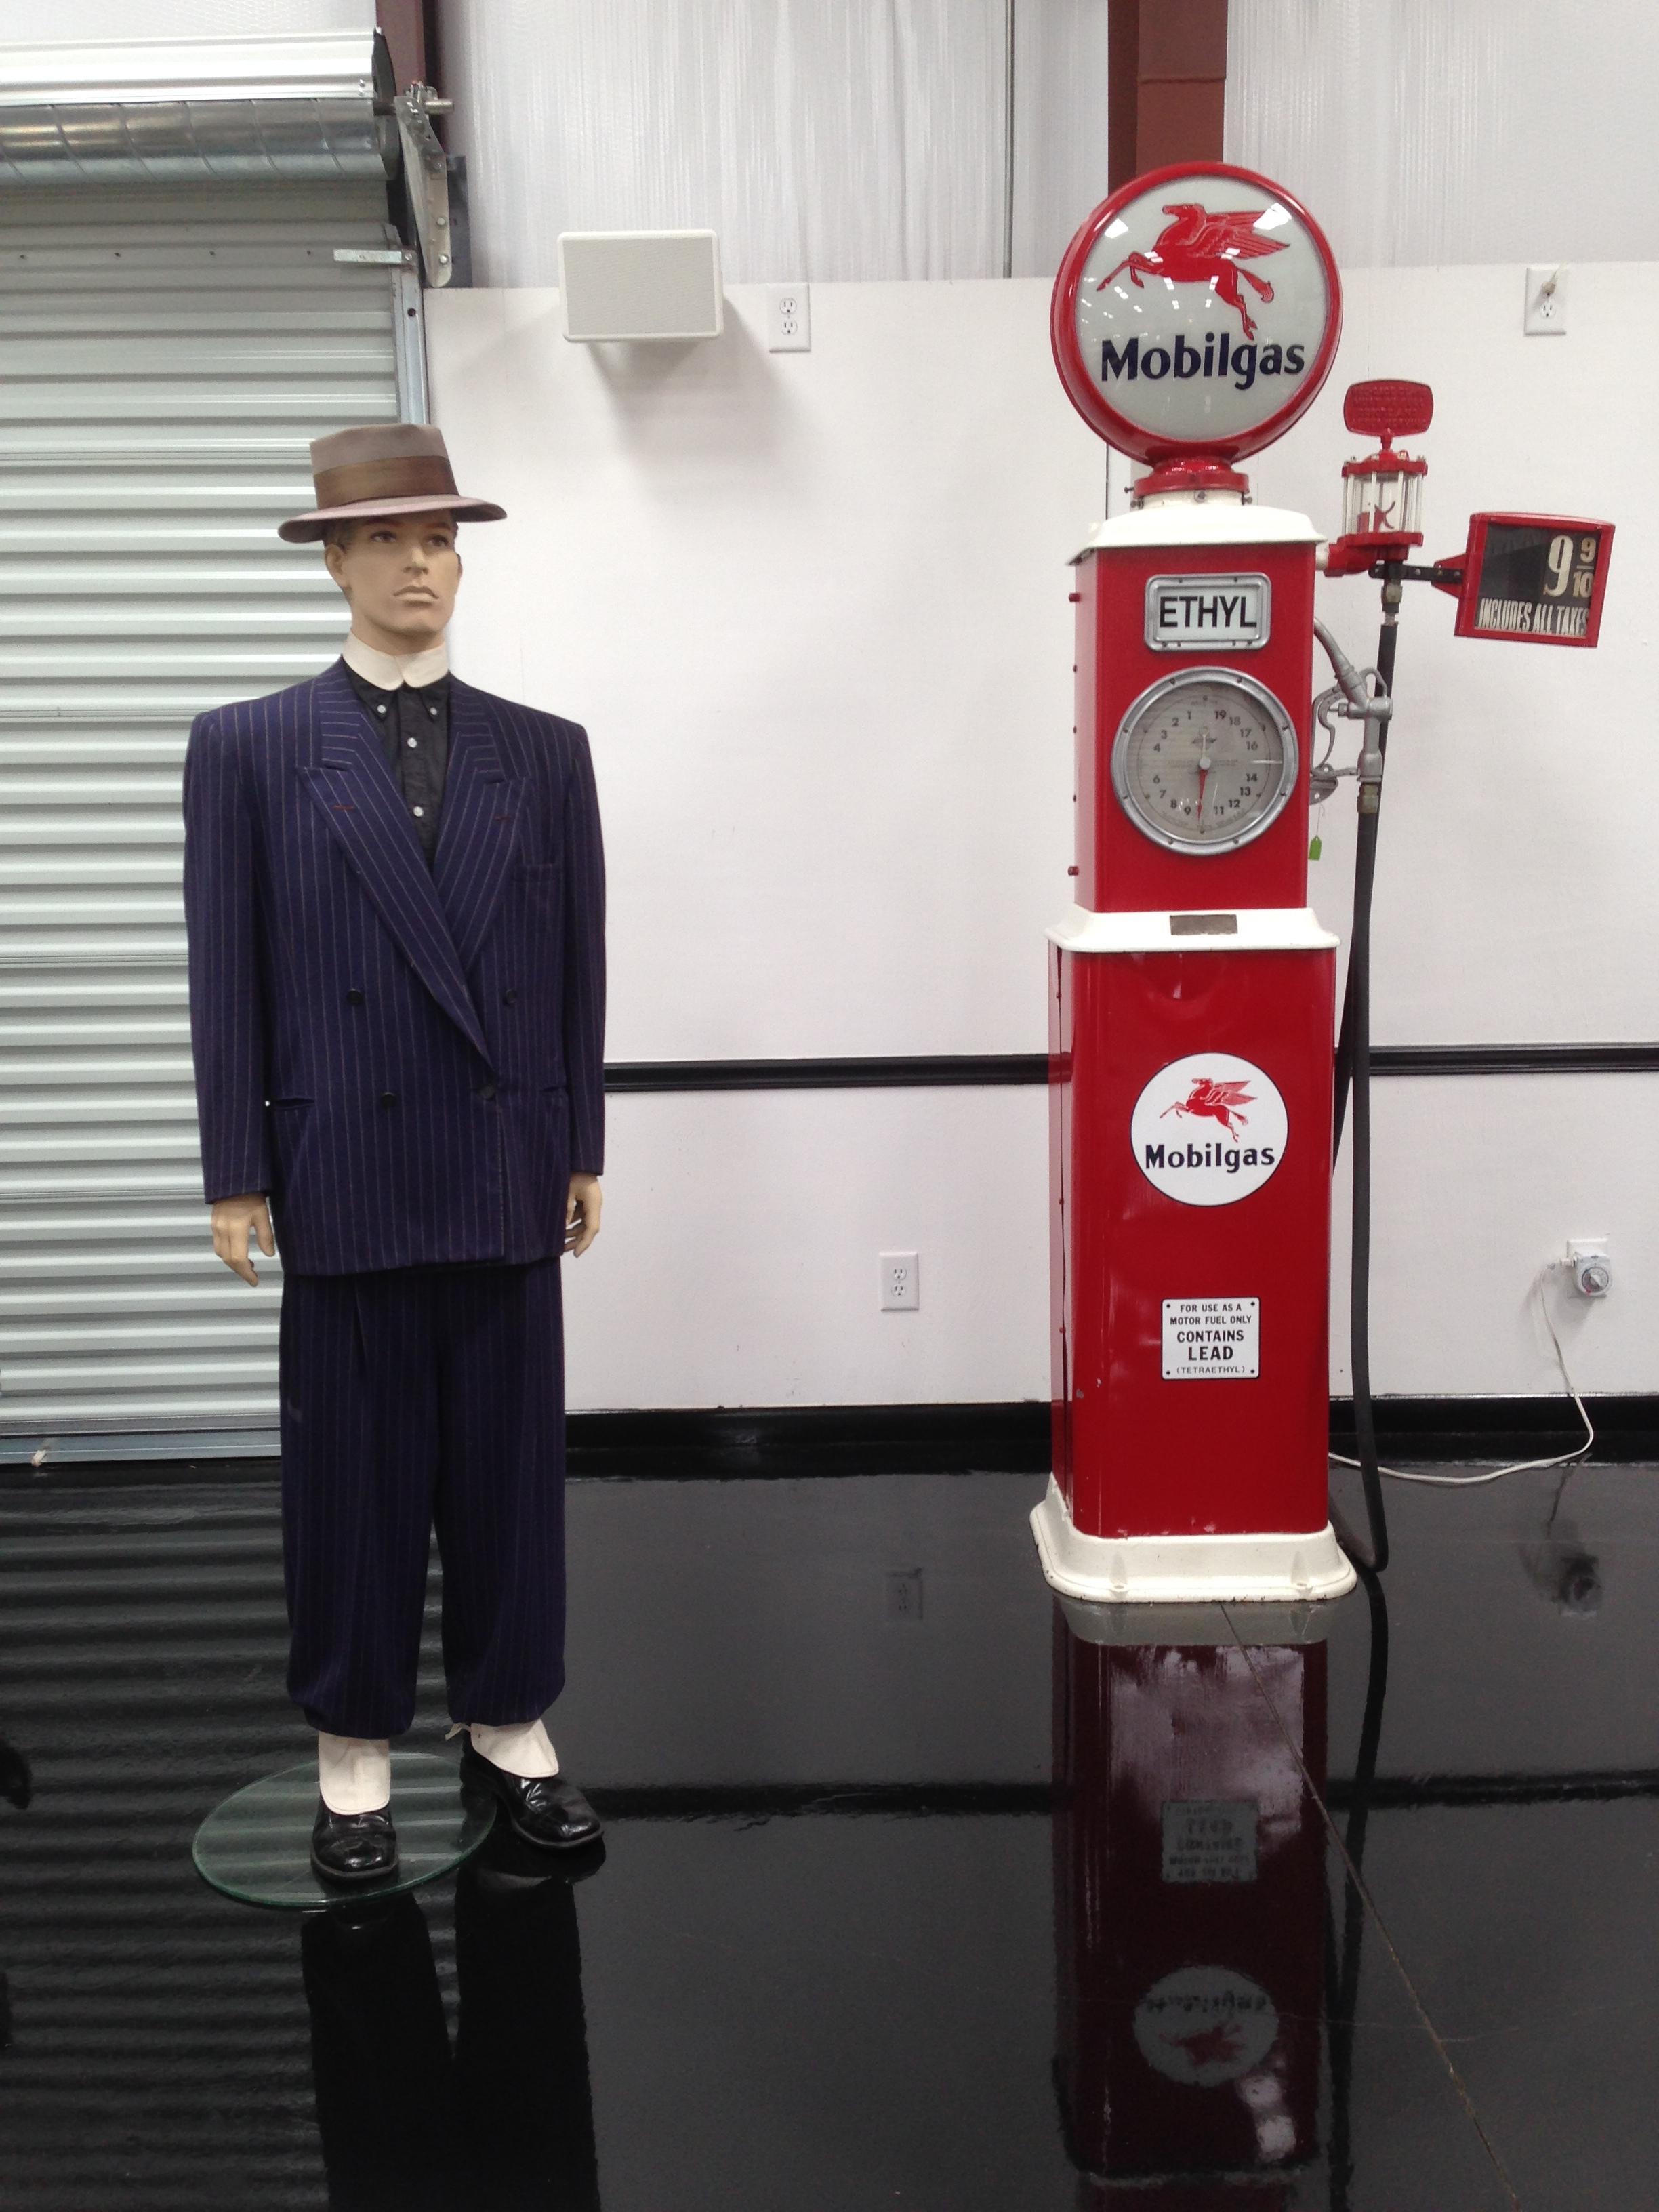 1940's Zoot Suit & Mobile Gas pump